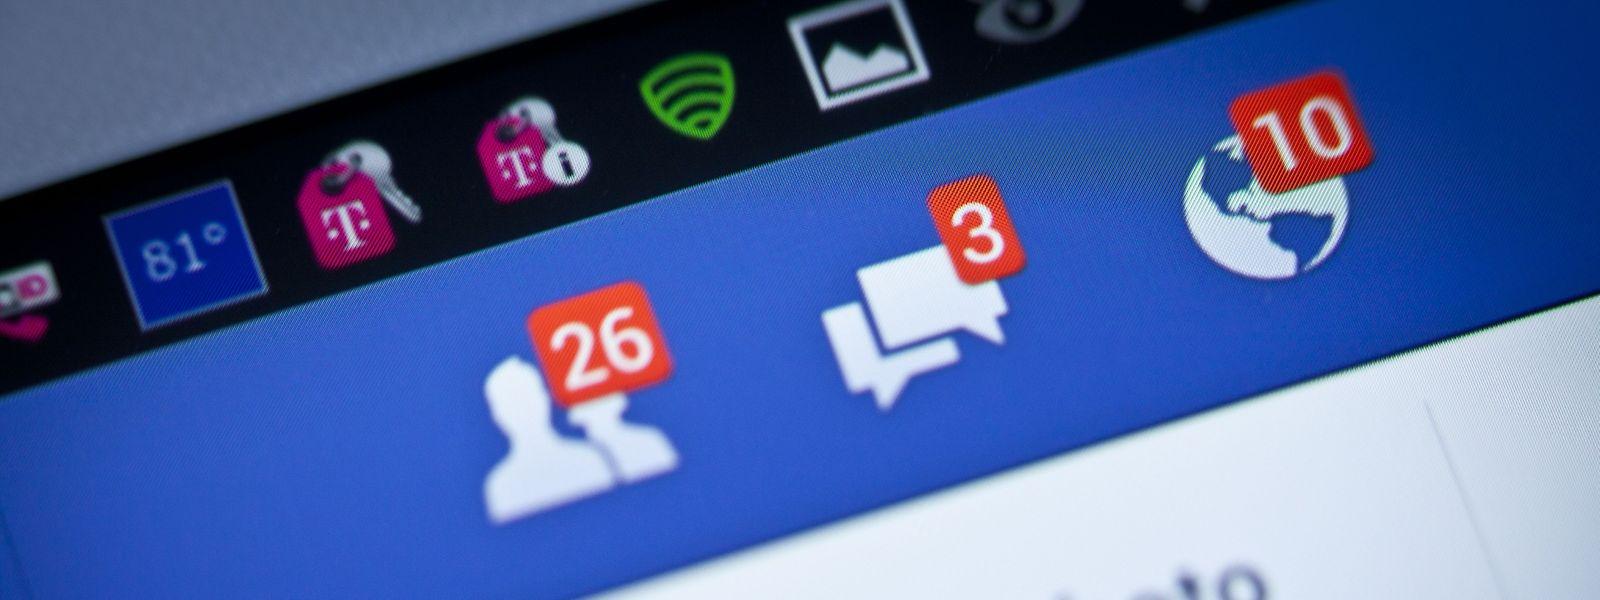 In den sozialen Netzwerken werden nicht nur Fotos vom letzten Urlaub geteilt, sondern auch illegales Foto- und Videomaterial.